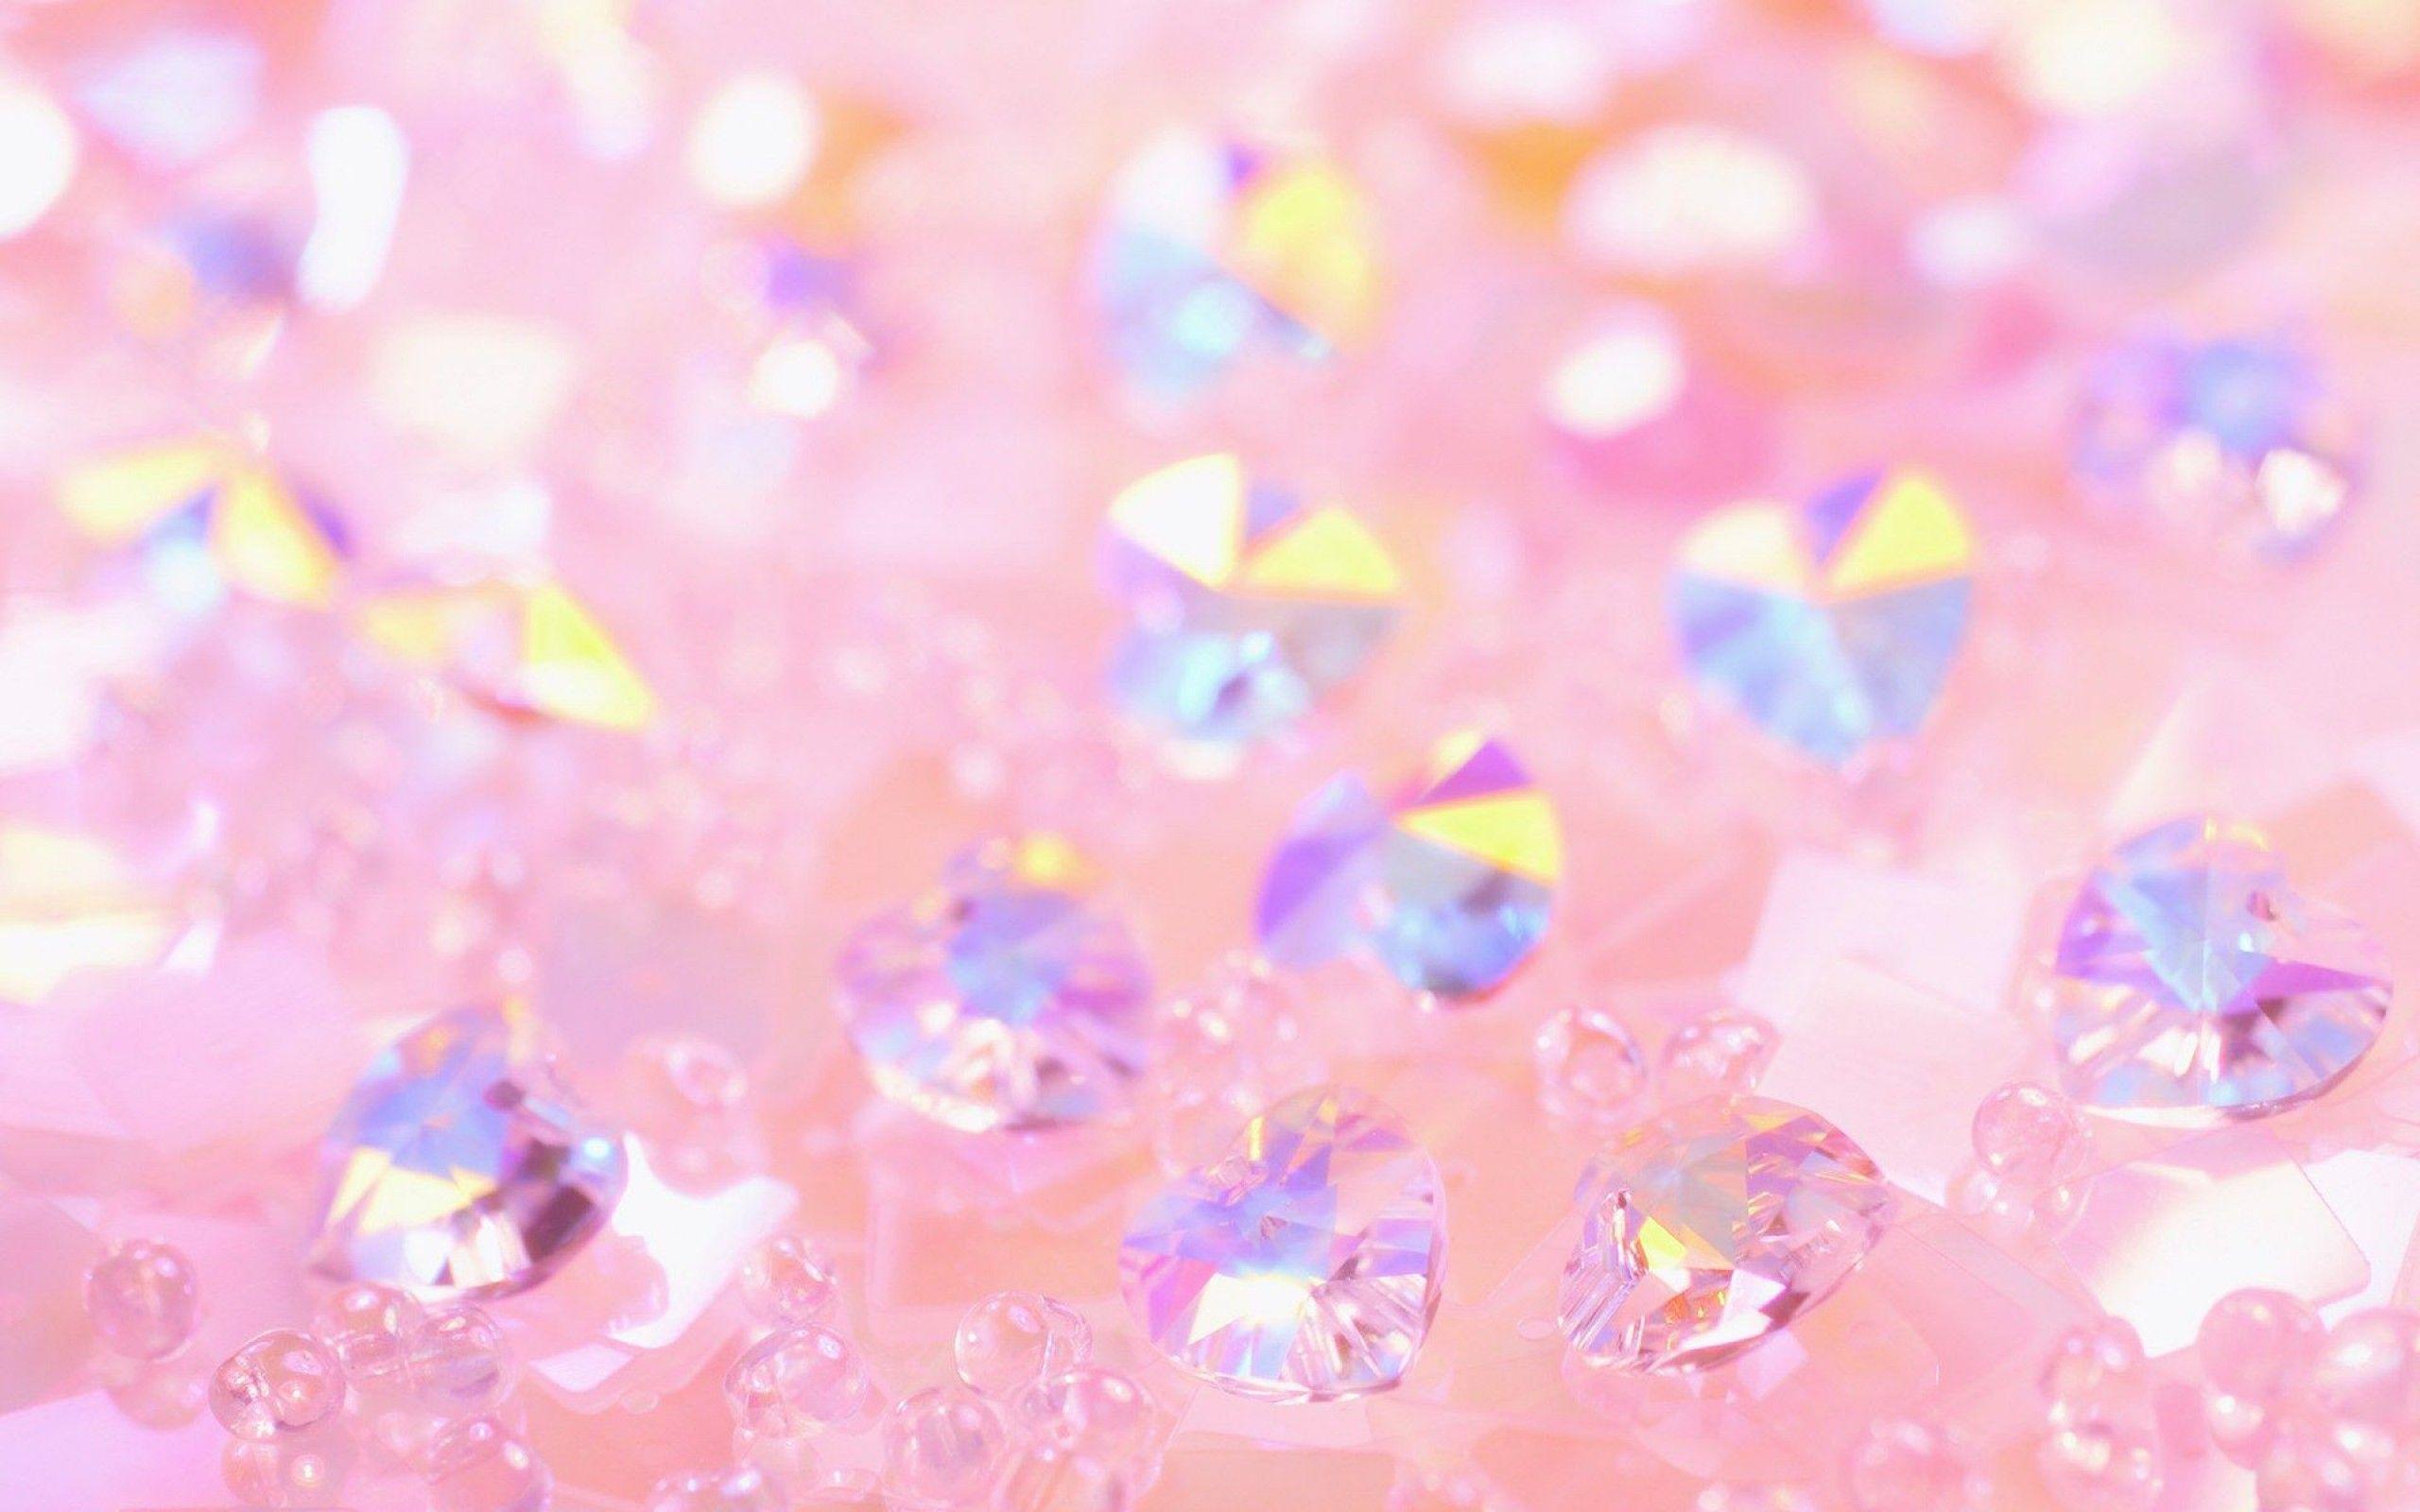 Pink Glitter Desktop Wallpapers Top Free Pink Glitter